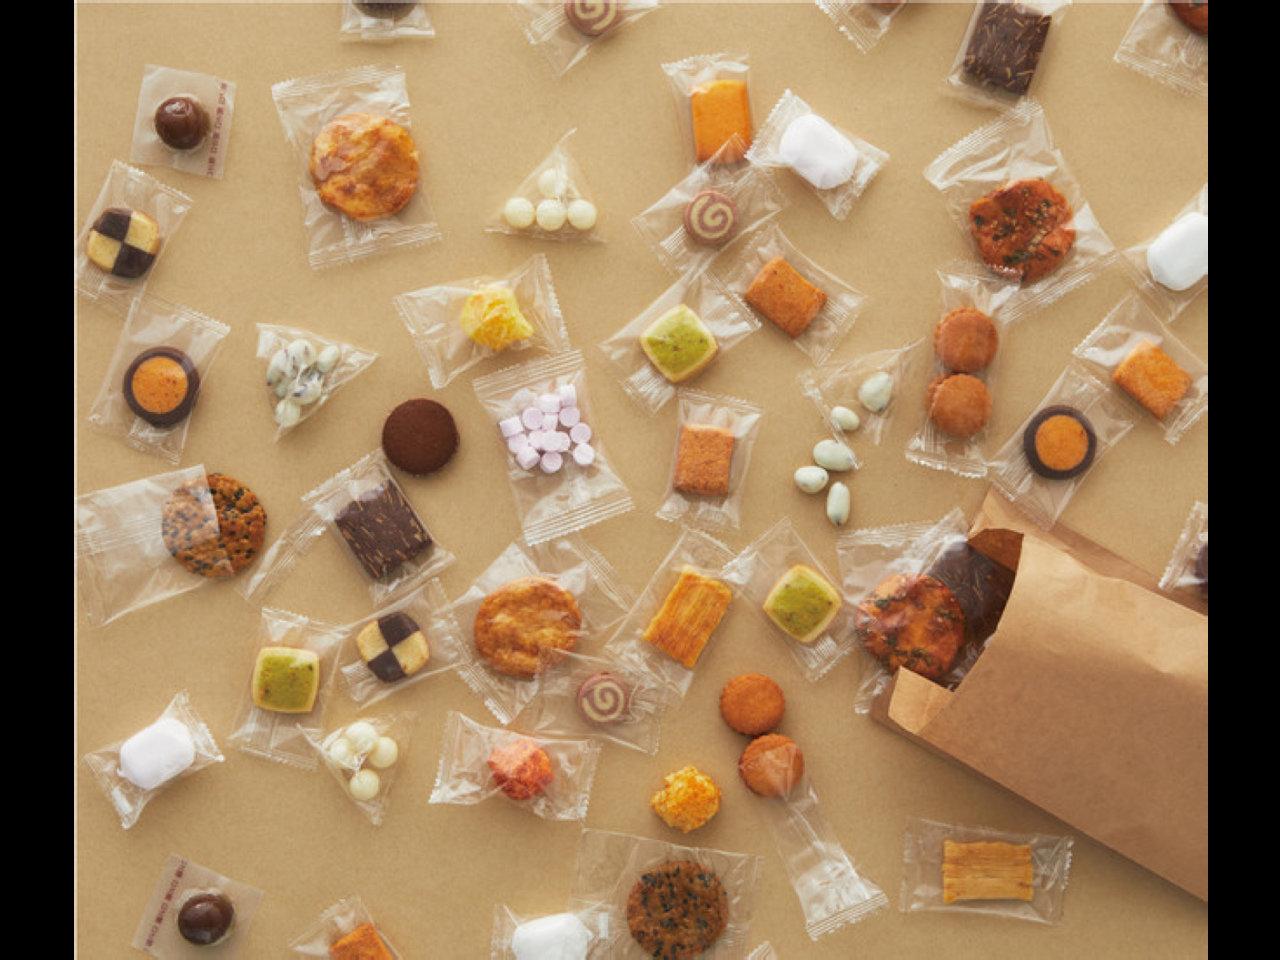 ひとりひとりに、ちょうどいい。無印良品がお菓子の量り売りを9月16日より開始します。